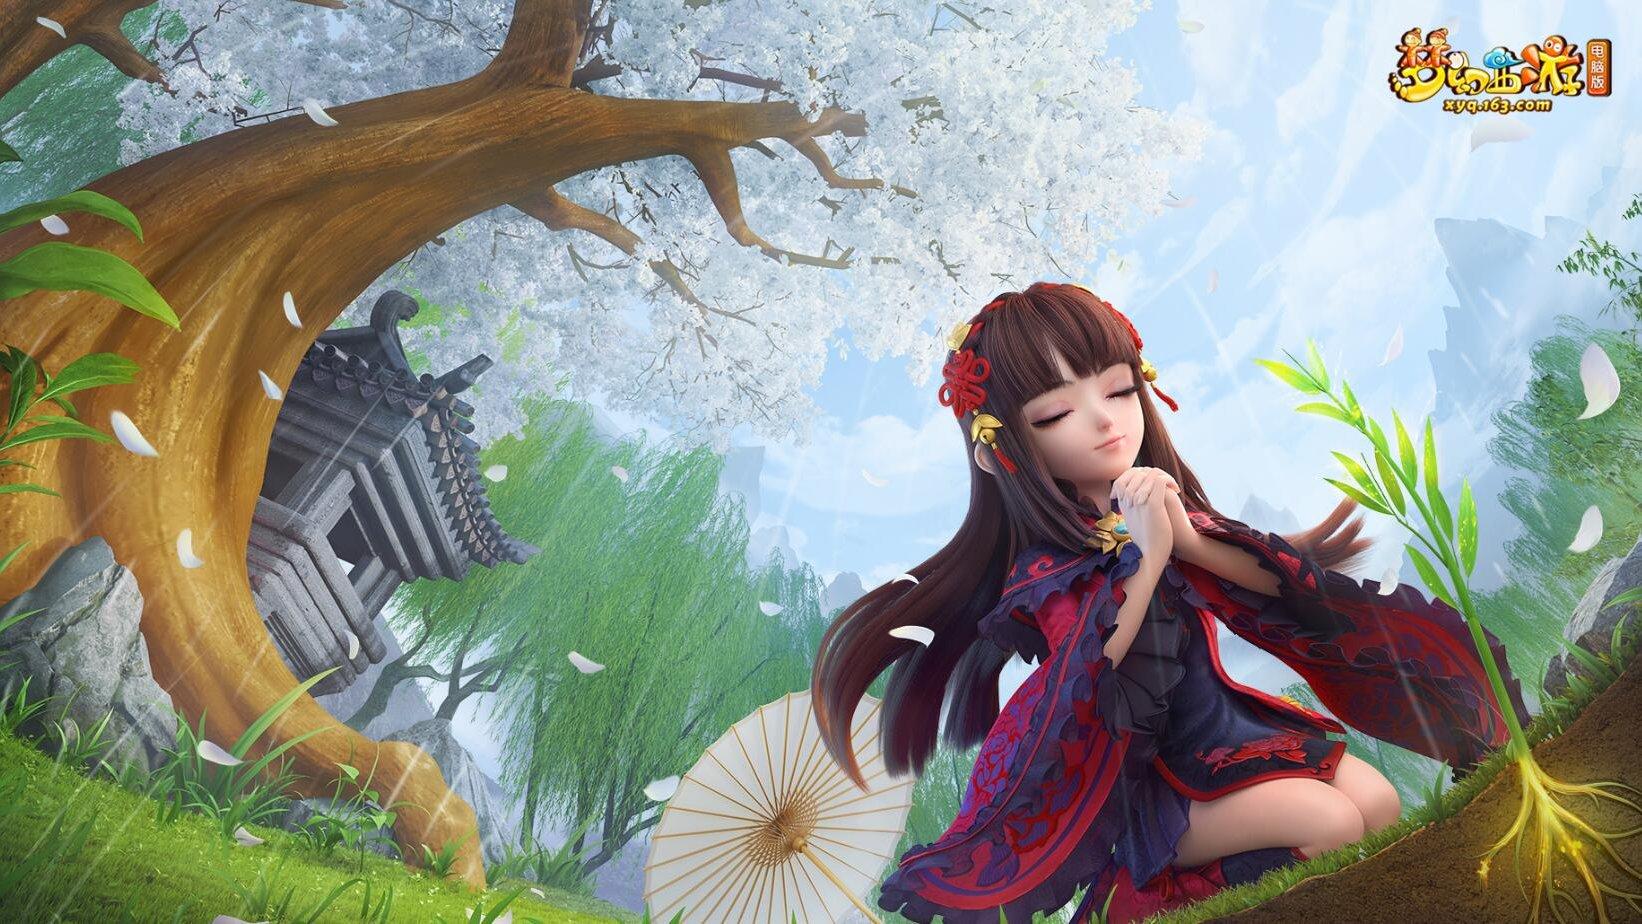 《梦幻西游》(曾用名《梦幻西游2》,现更名《梦幻西游电脑版》)是一款由中国网易公司自行开发并营运的网络游戏。游